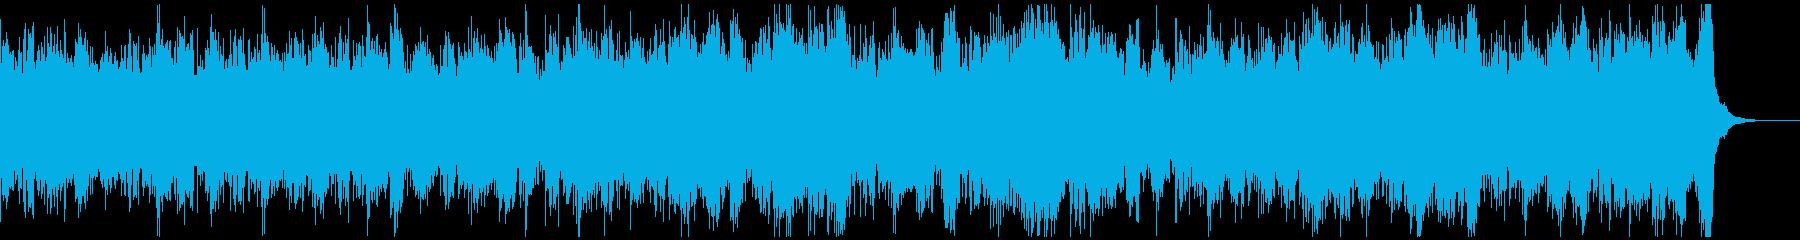 何か恐ろしいものが存在する空気感ホラーの再生済みの波形